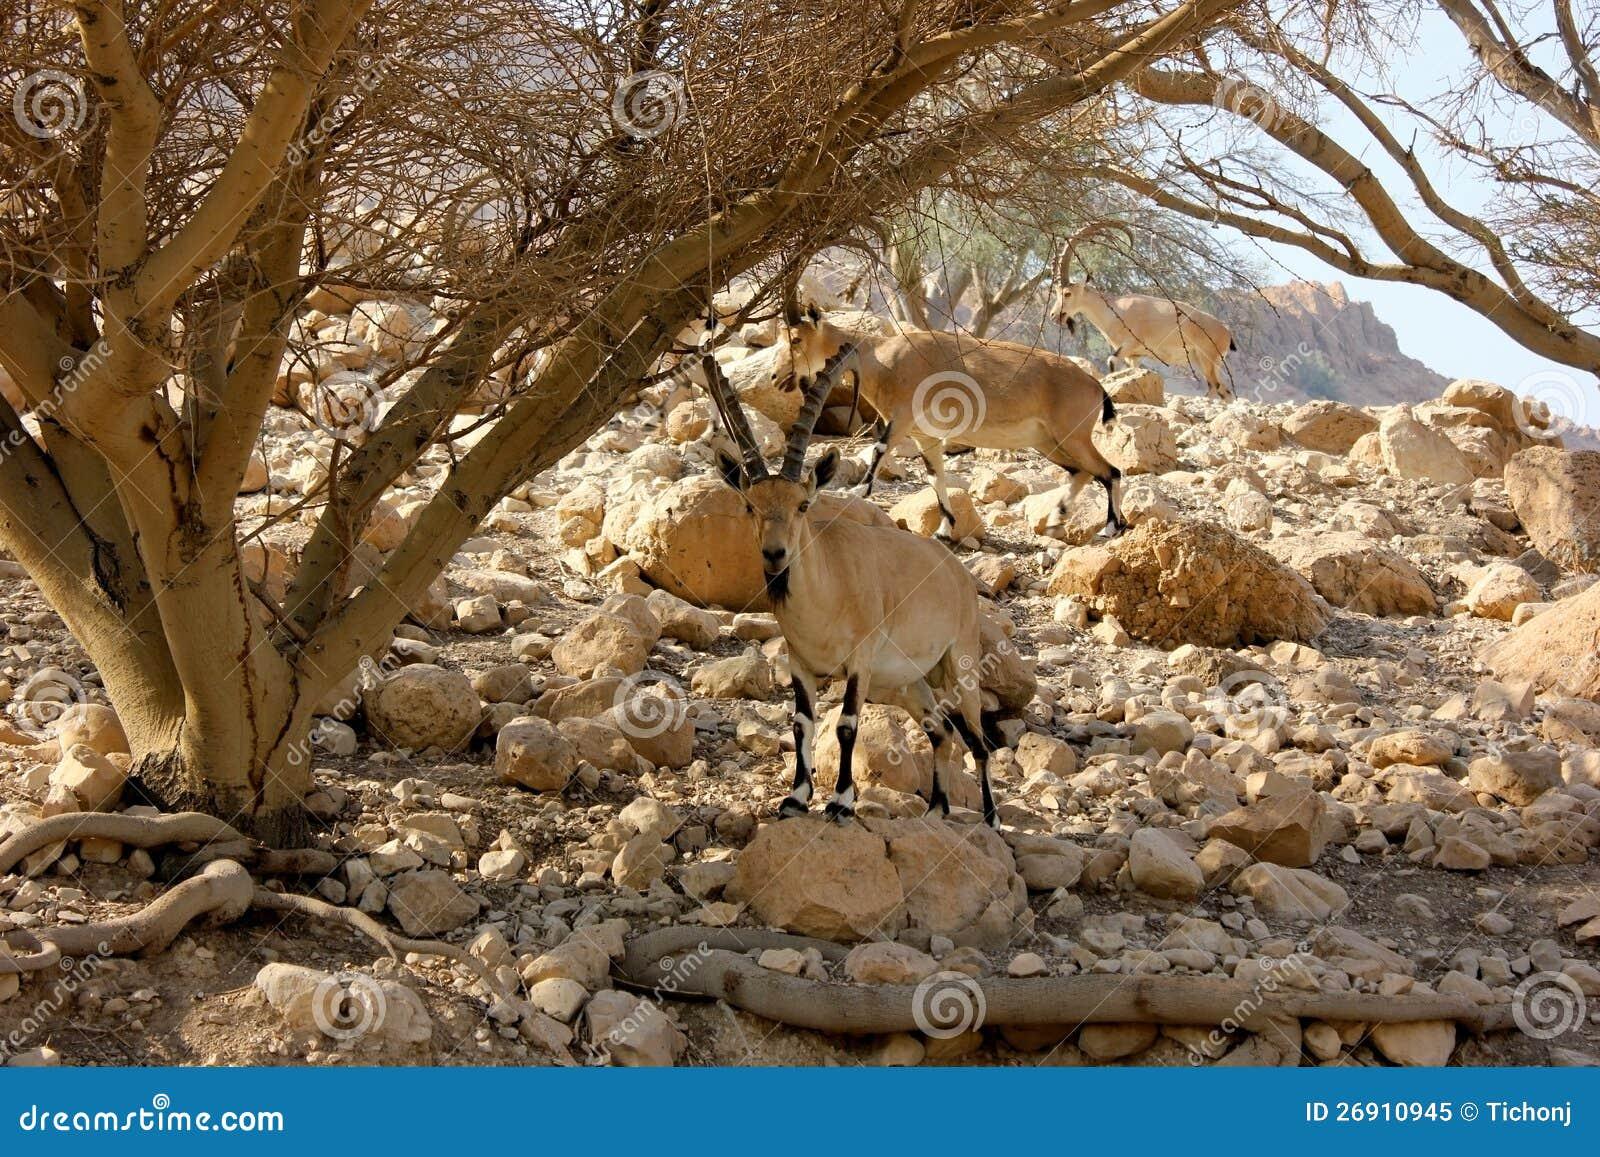 Nubian Ibexes in the Judea Desert